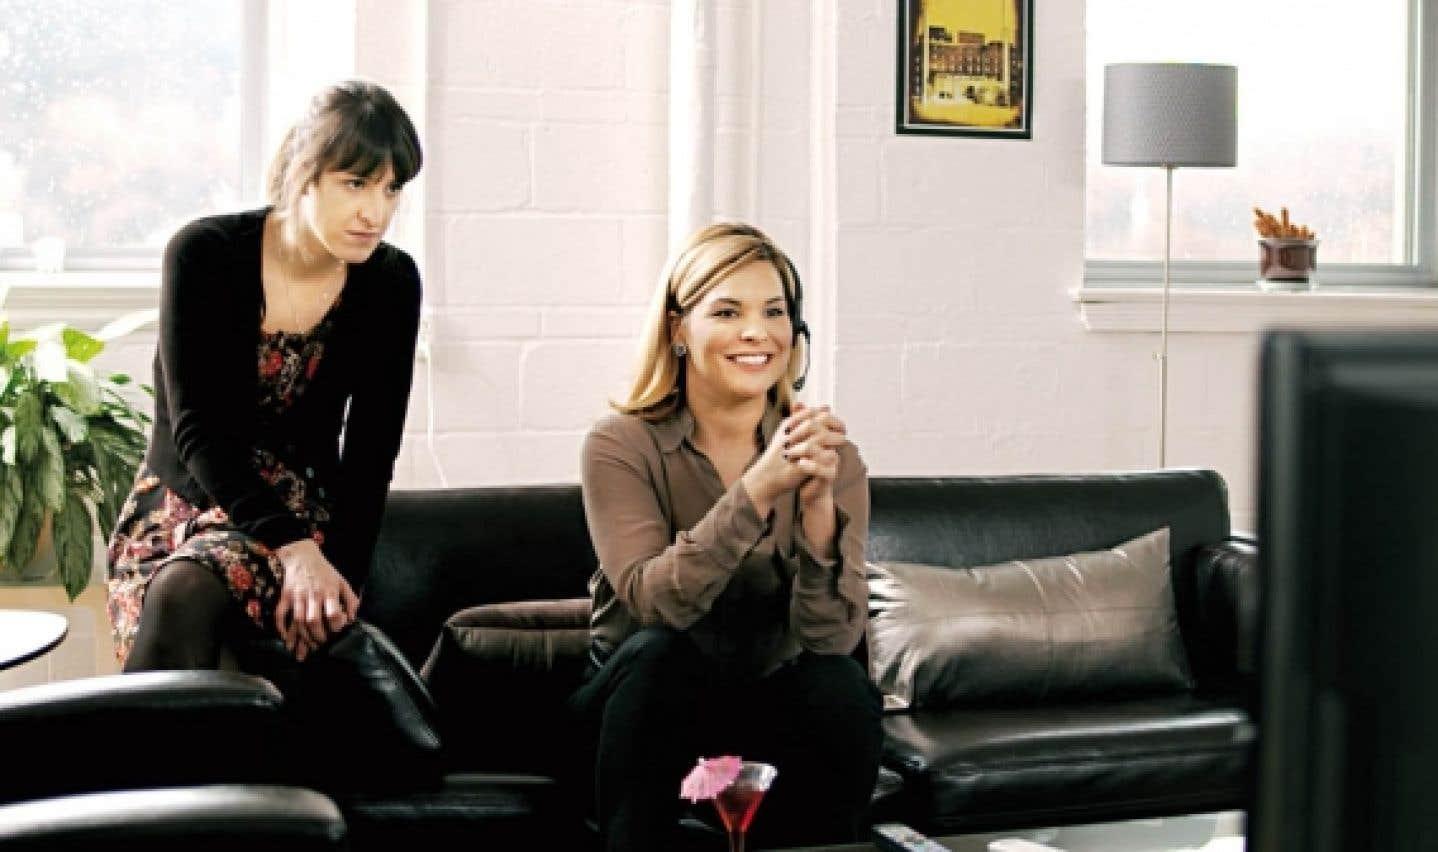 Dans Hors d'ondes, Anne-Élizabeth Bossé joue le rôle de la directrice de production d'une téléréalité et l'ex-lofteuse, animatrice télé et désormais comédienne Kim Rusk endosse le rôle de productrice en chef.